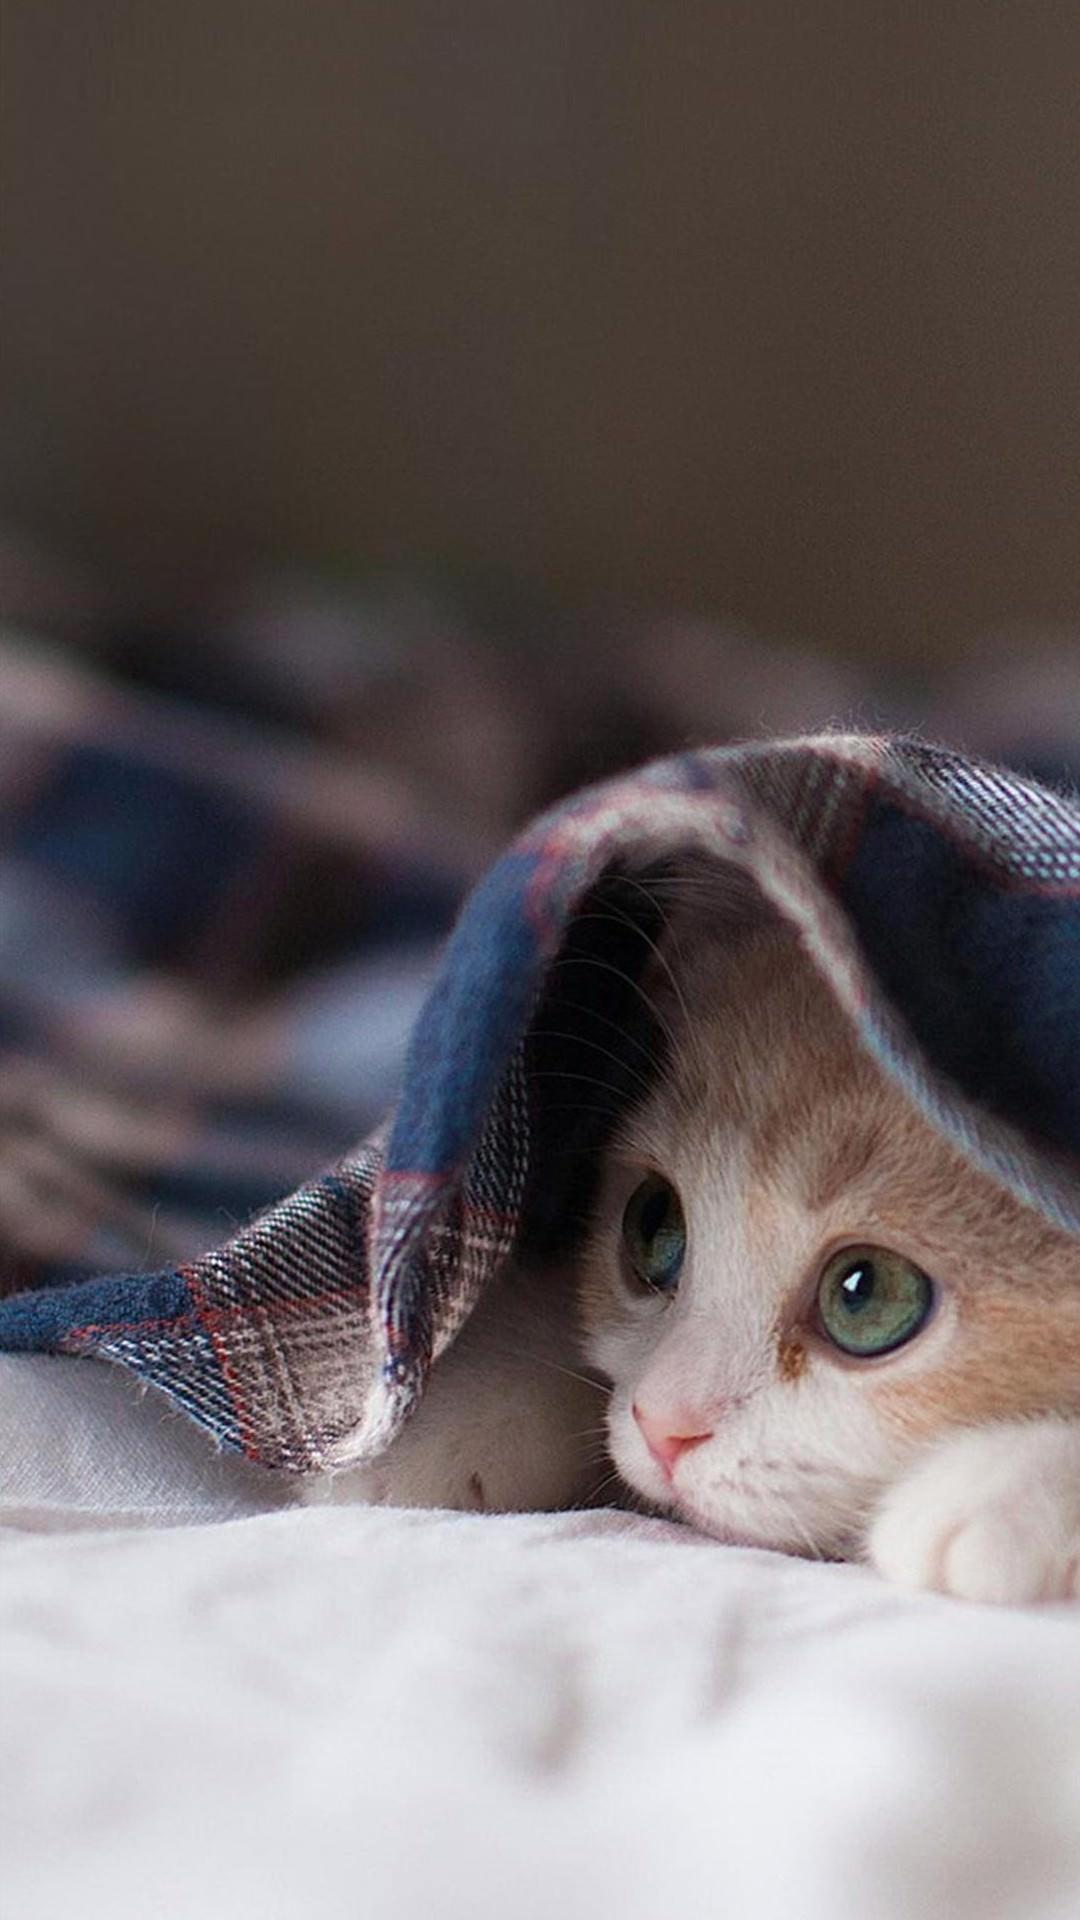 布にくるまった子猫 iPhone6 Plus 壁紙